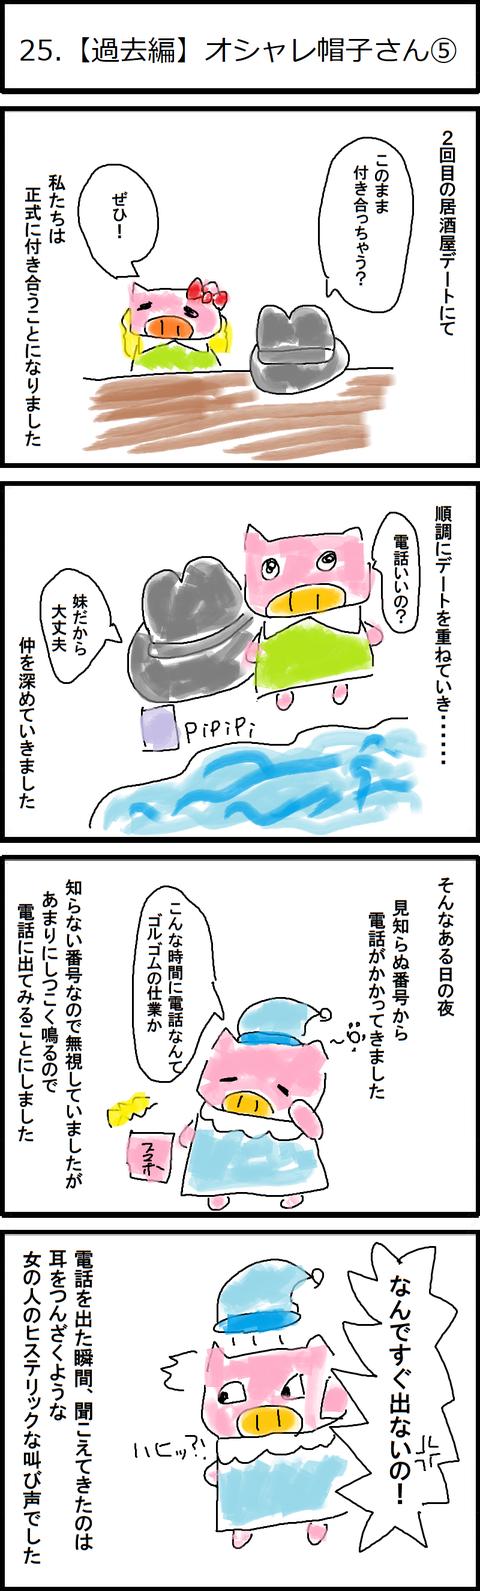 25.【過去編】オシャレ帽子さん⑤